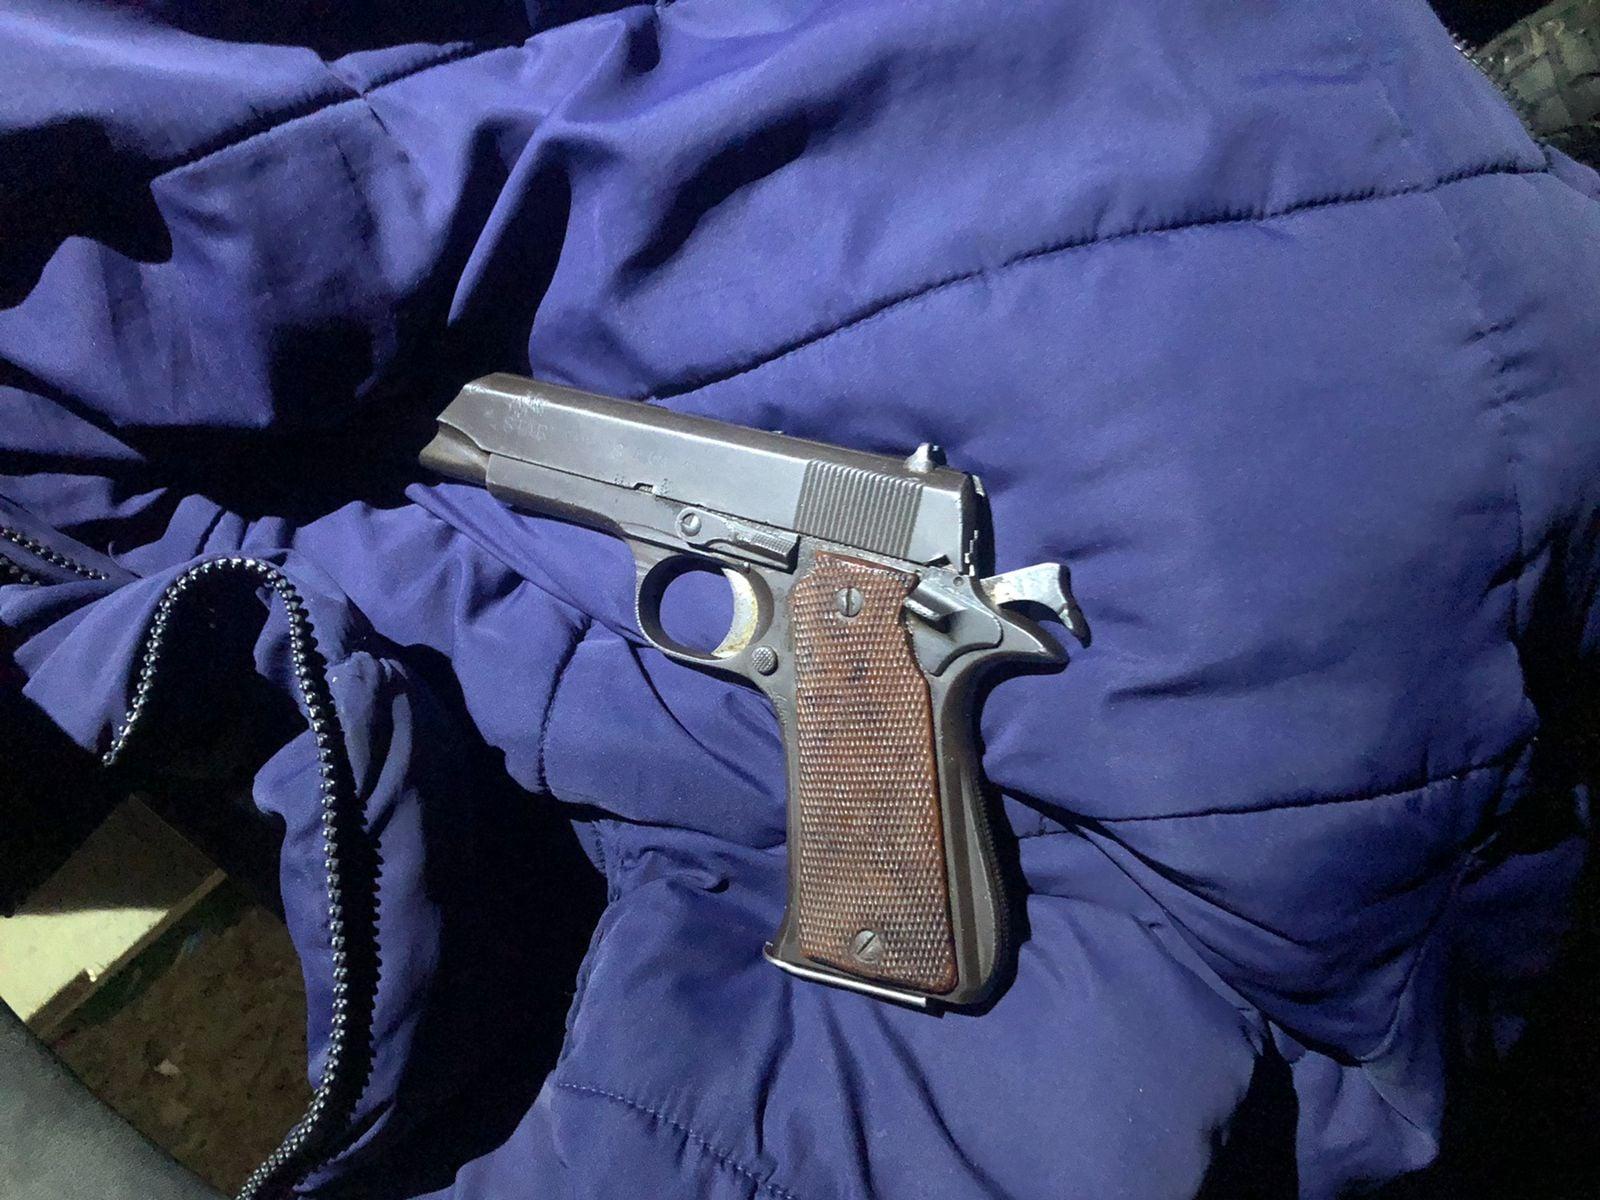 SAPS Bethelsdorp arrest suspect and seize firearm